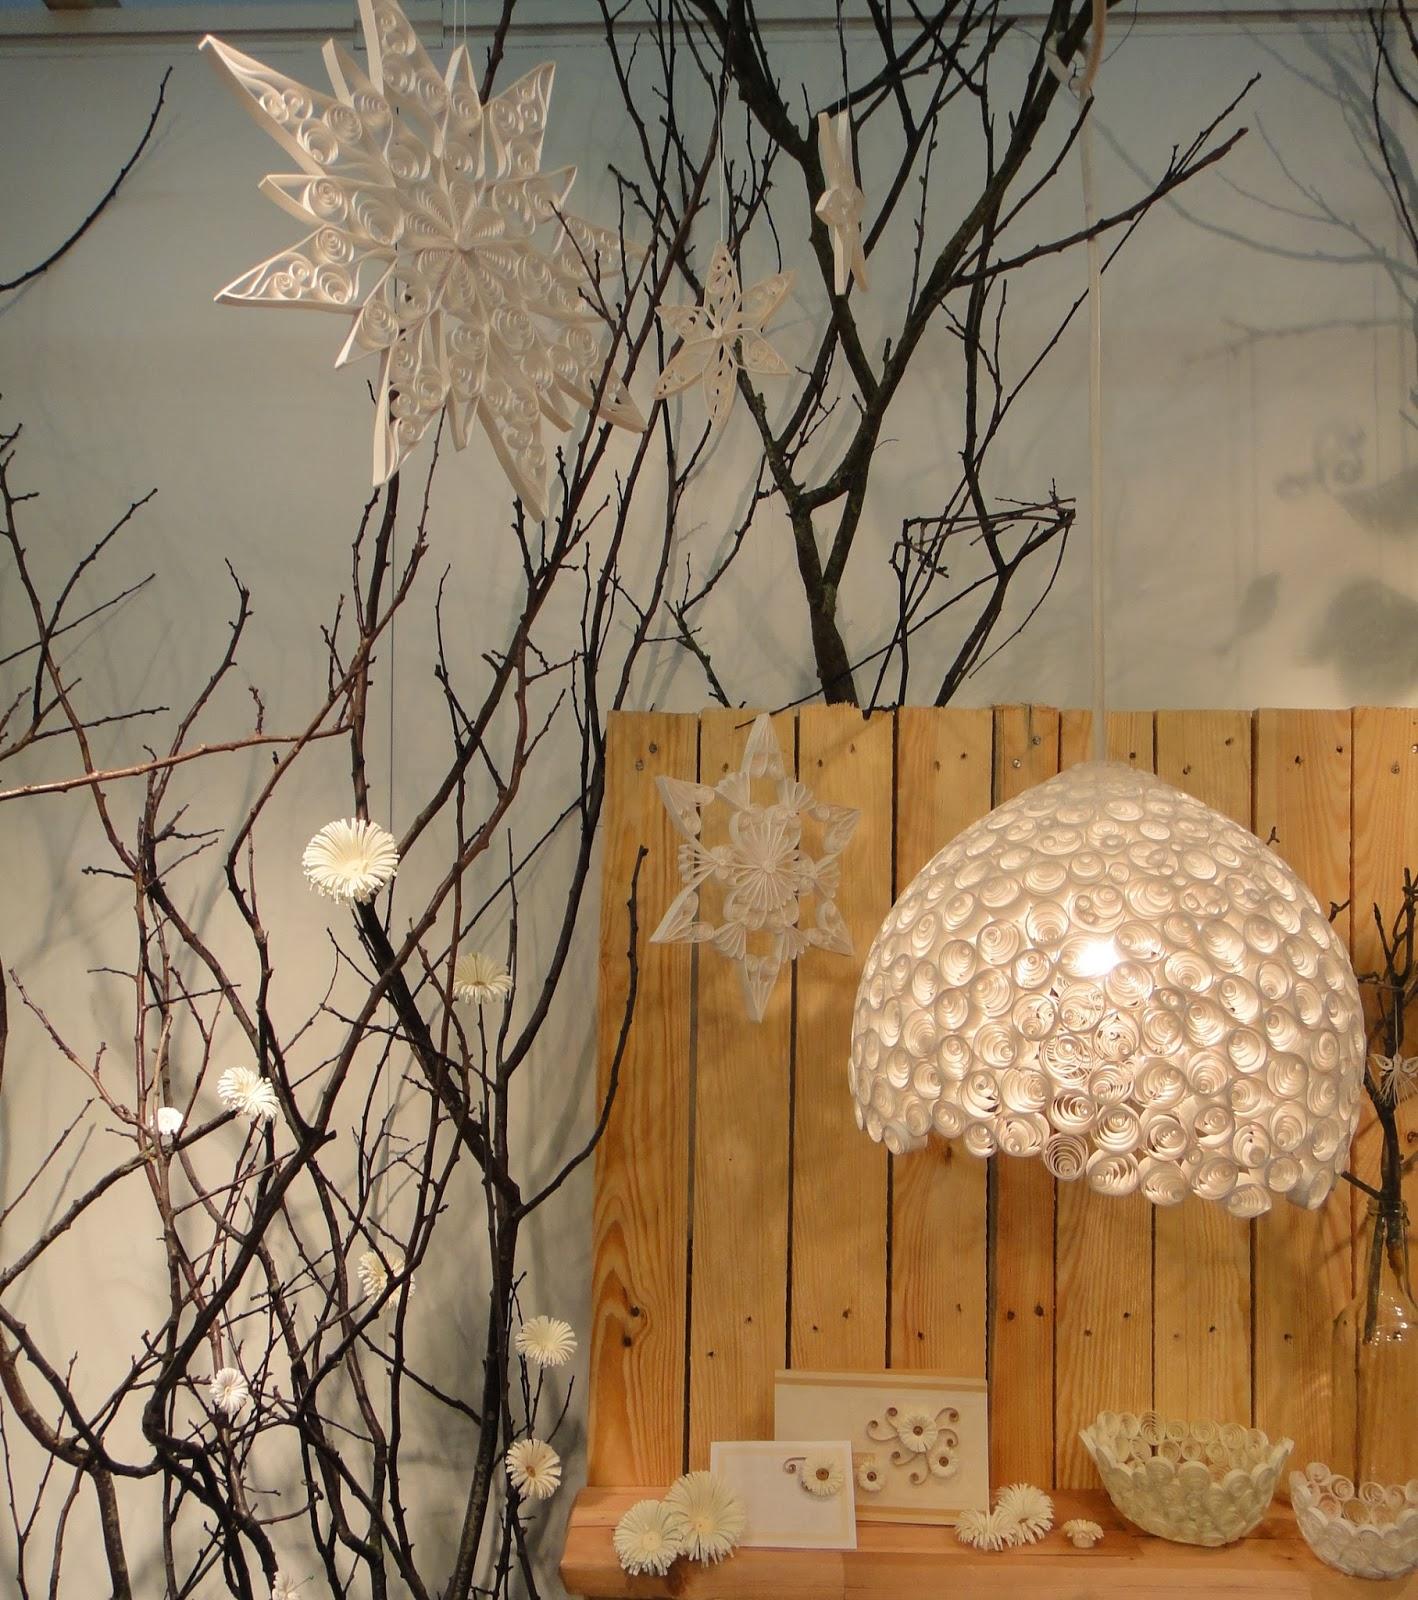 ines felix kreatives zum nachmachen creativeworld in frankfurt und verleihung des topp star. Black Bedroom Furniture Sets. Home Design Ideas